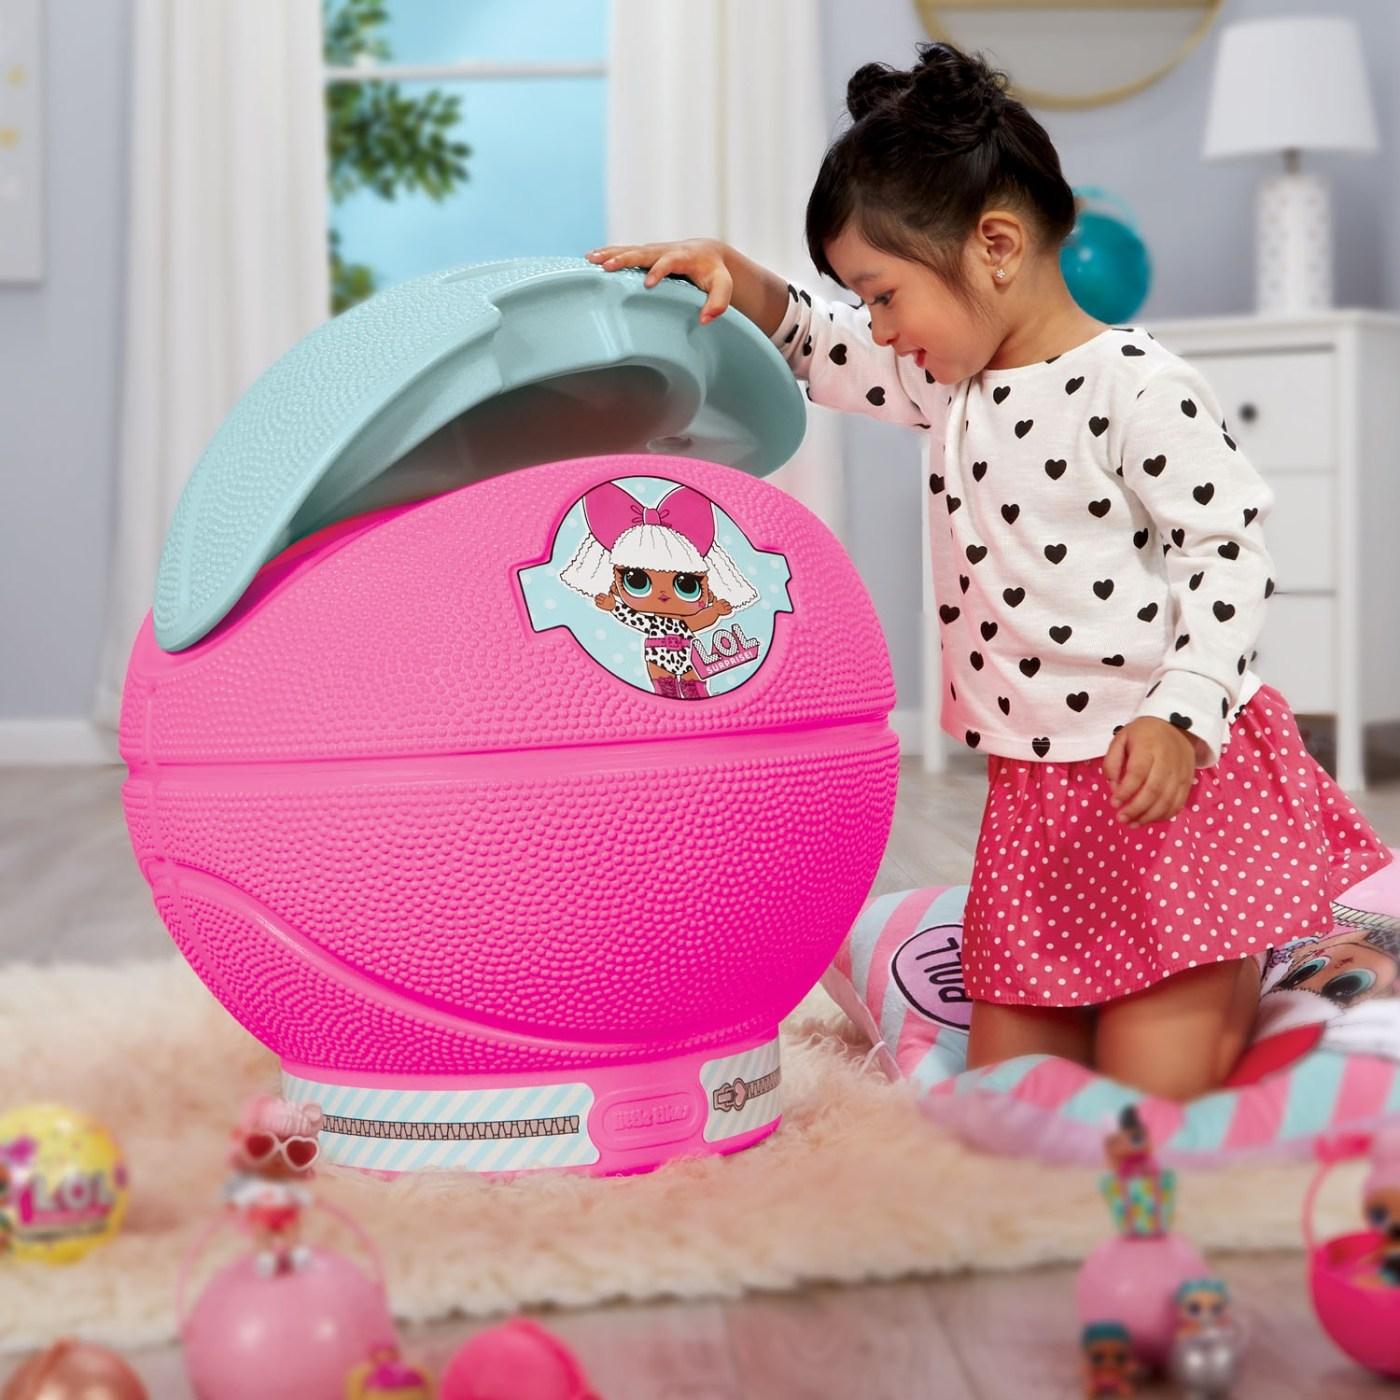 LOL Surprise Storage Toy Chest